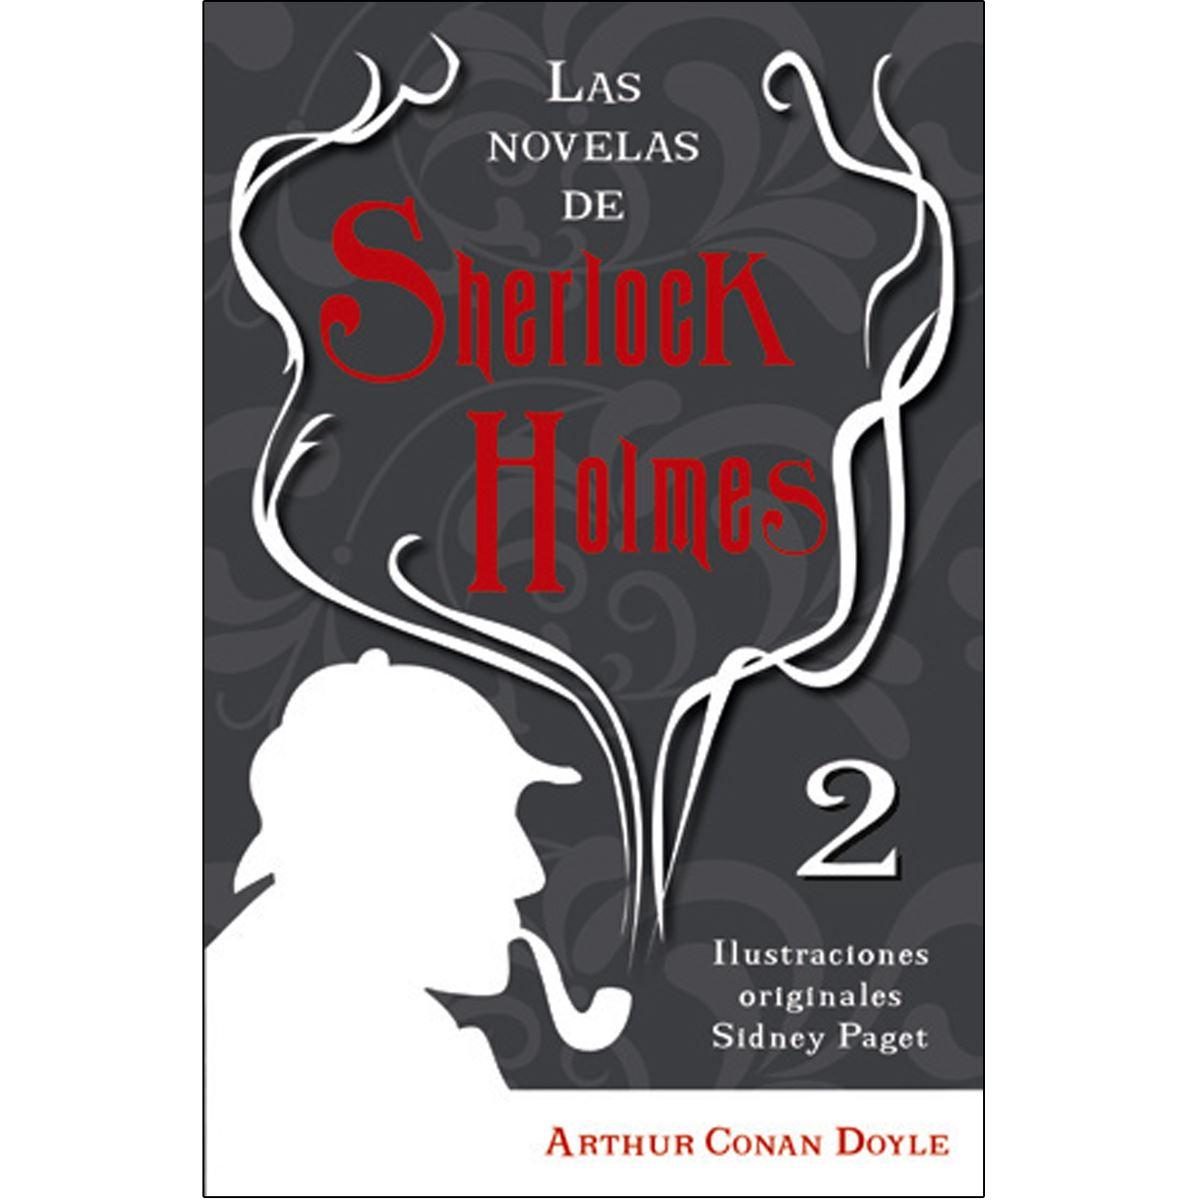 Las novelas de sherlock holmes 2 Libro - Sanborns